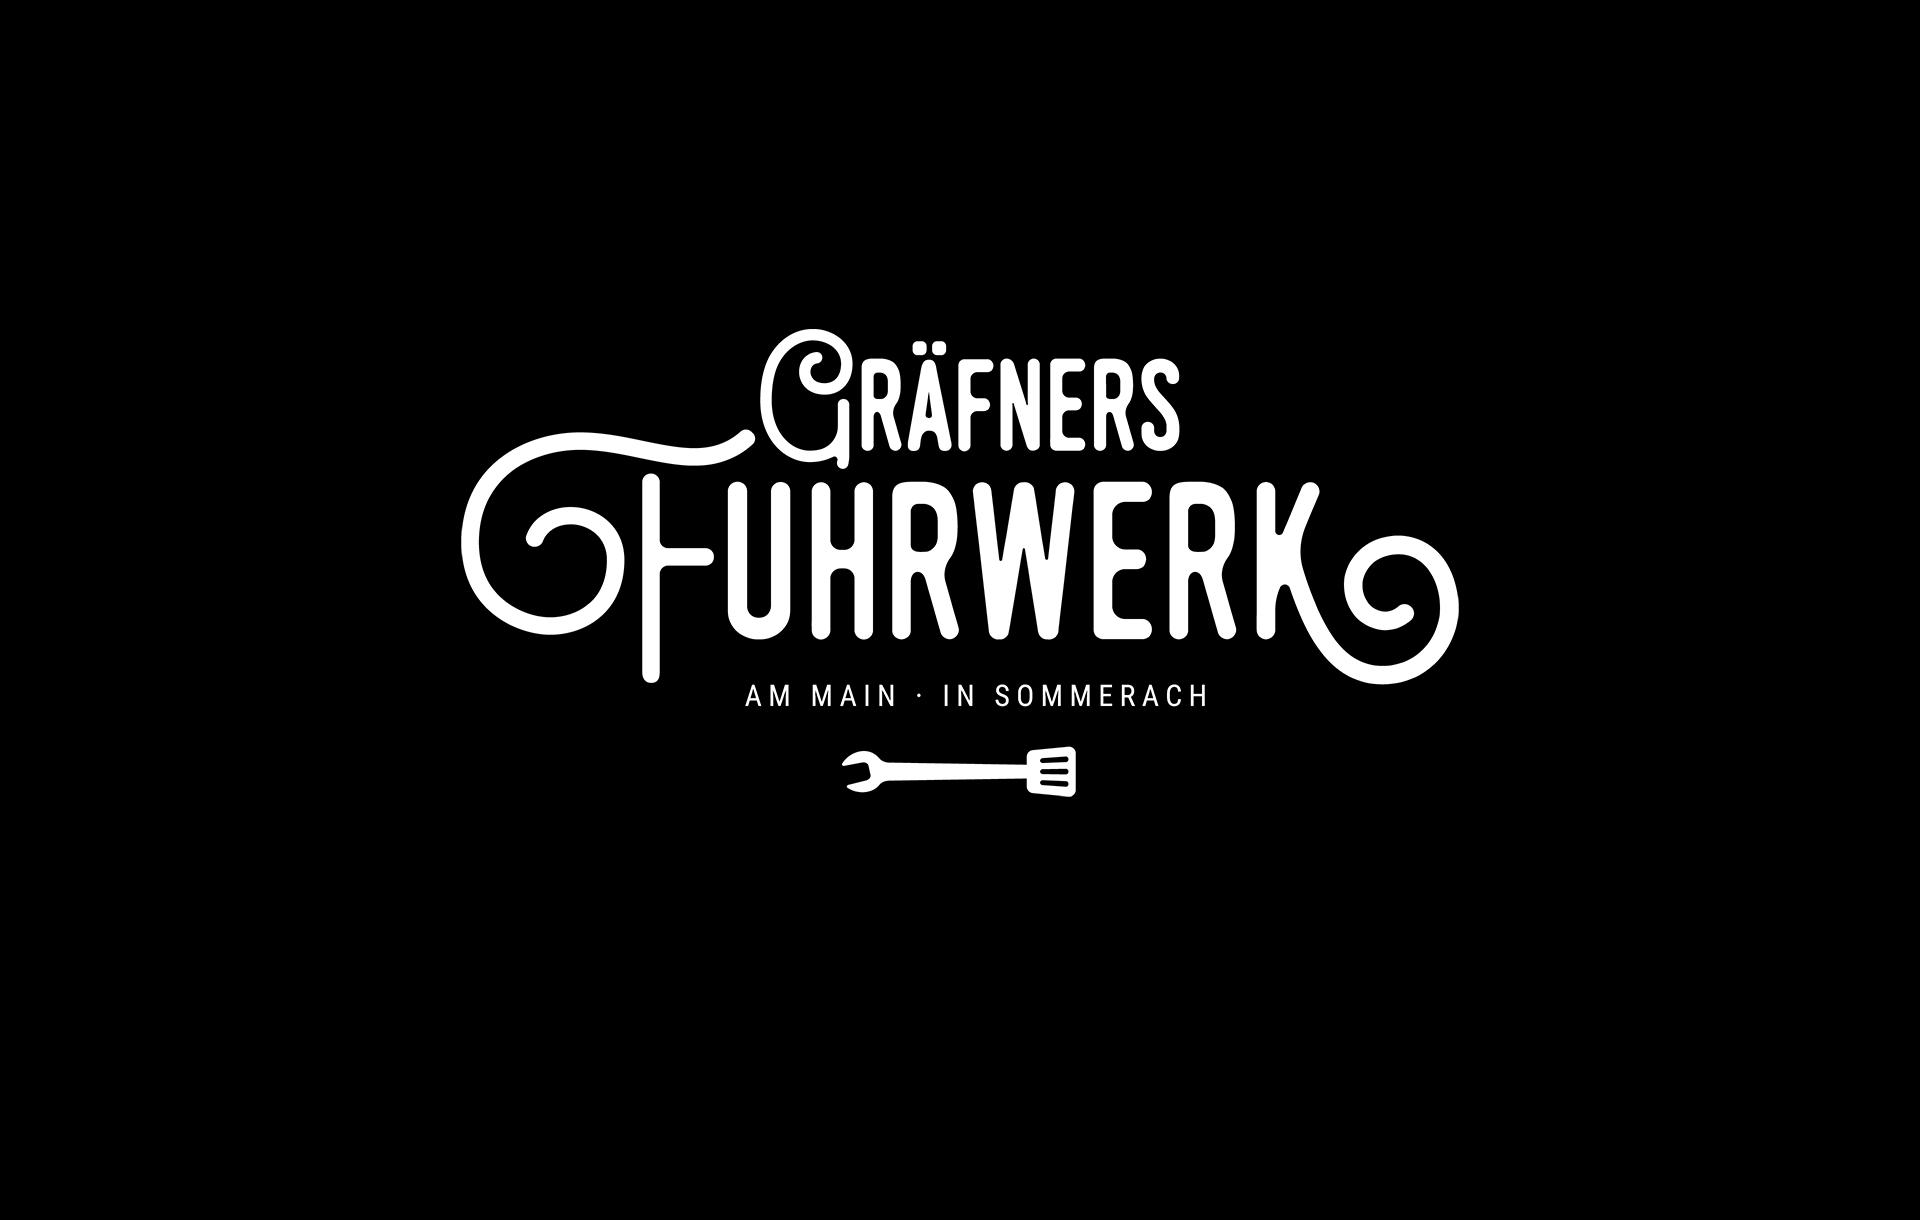 gräfners_fuhrwerk_logo